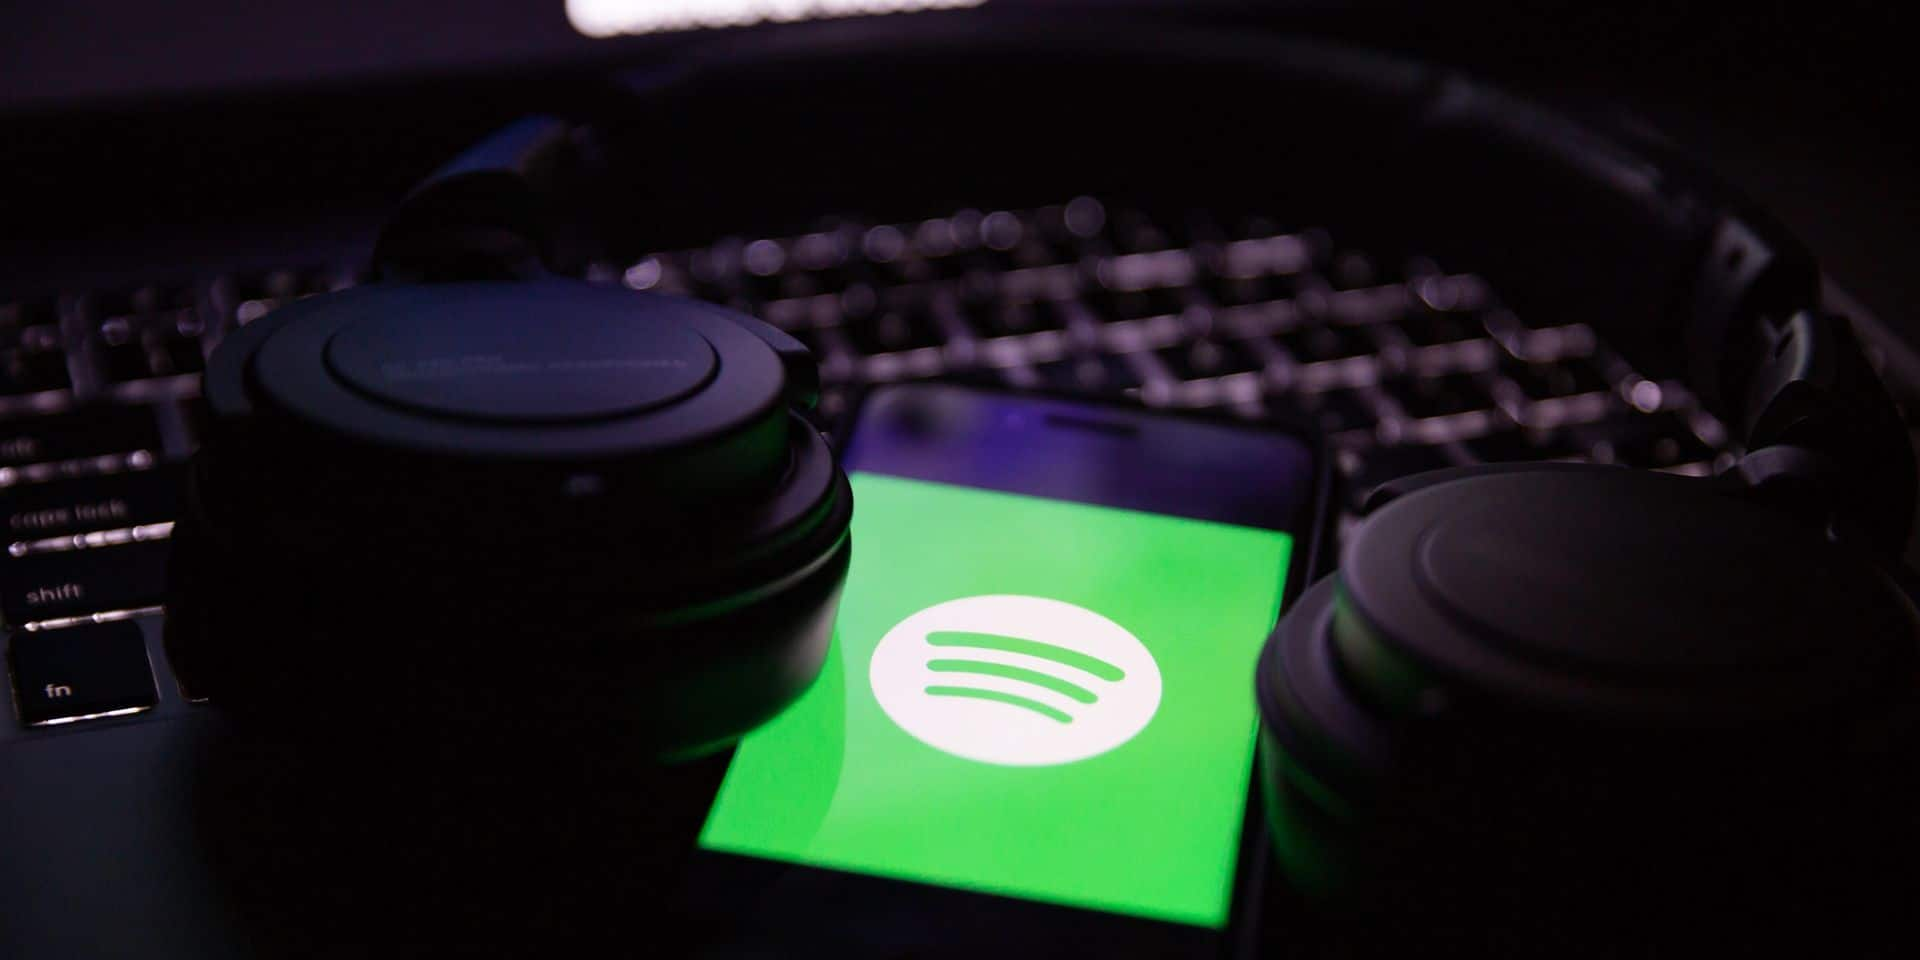 L'objectif serait de proposer un lecteur audio directement dans l'application.